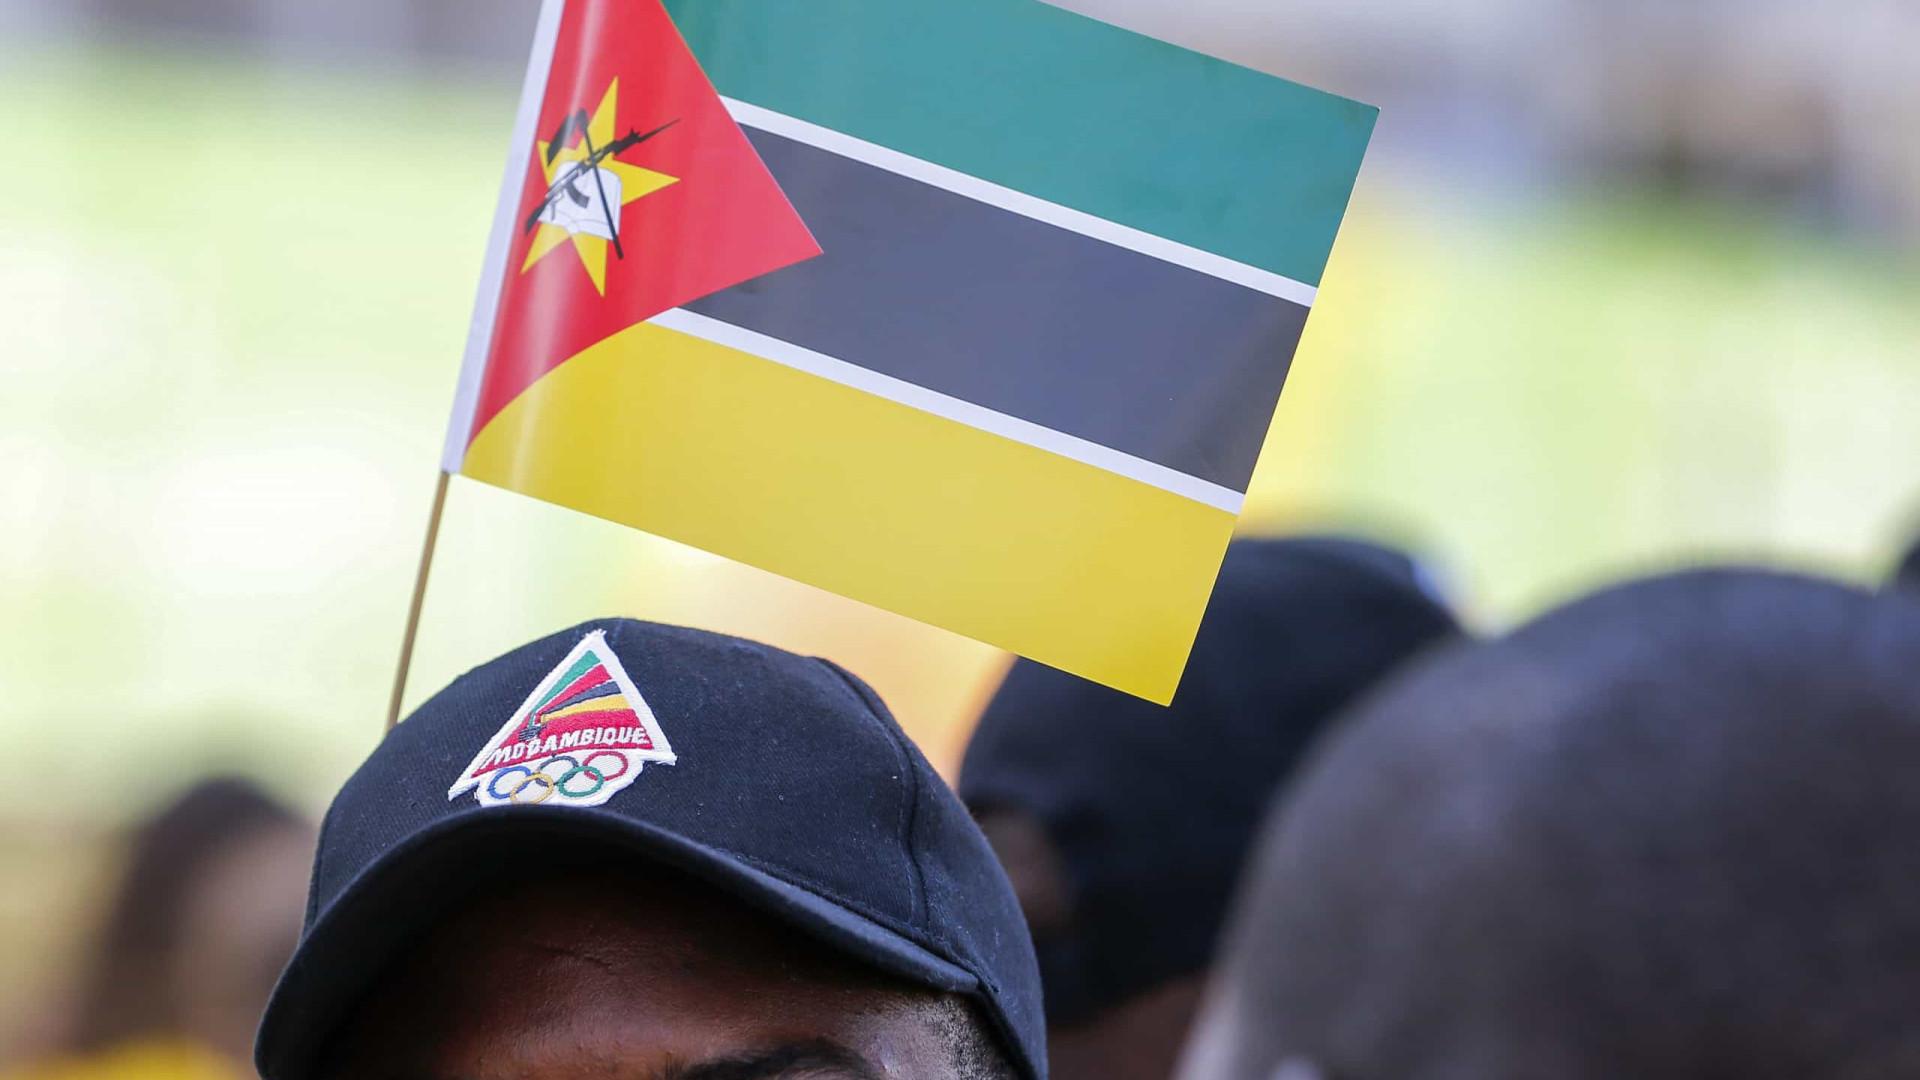 CIP de Moçambique acusa governo de ocultar operações financeiras